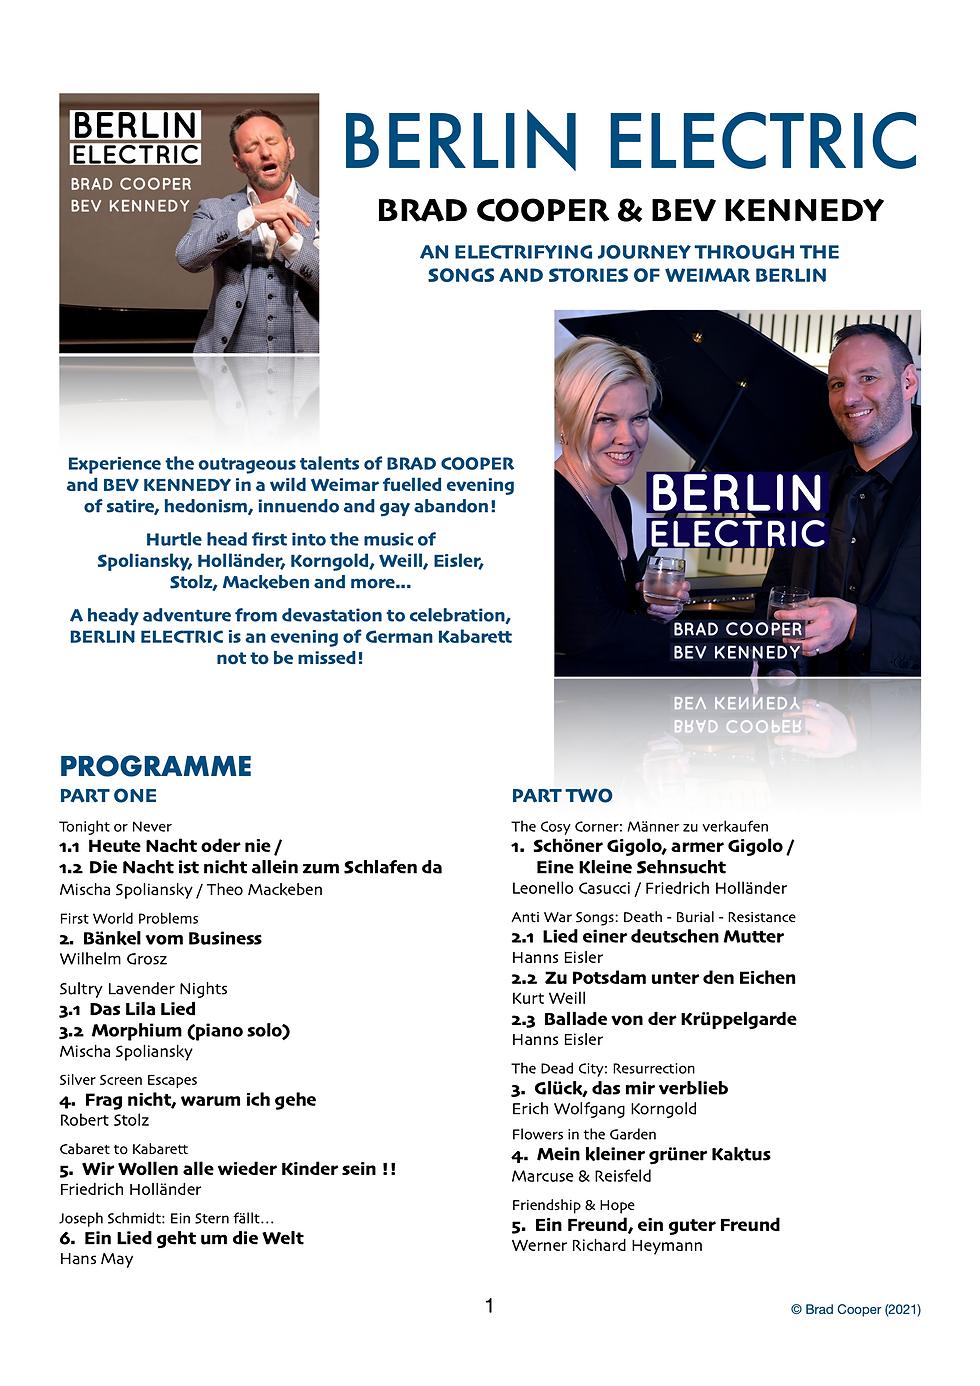 BERLIN ELECTRIC - BRAD COOPER & BEV KENN